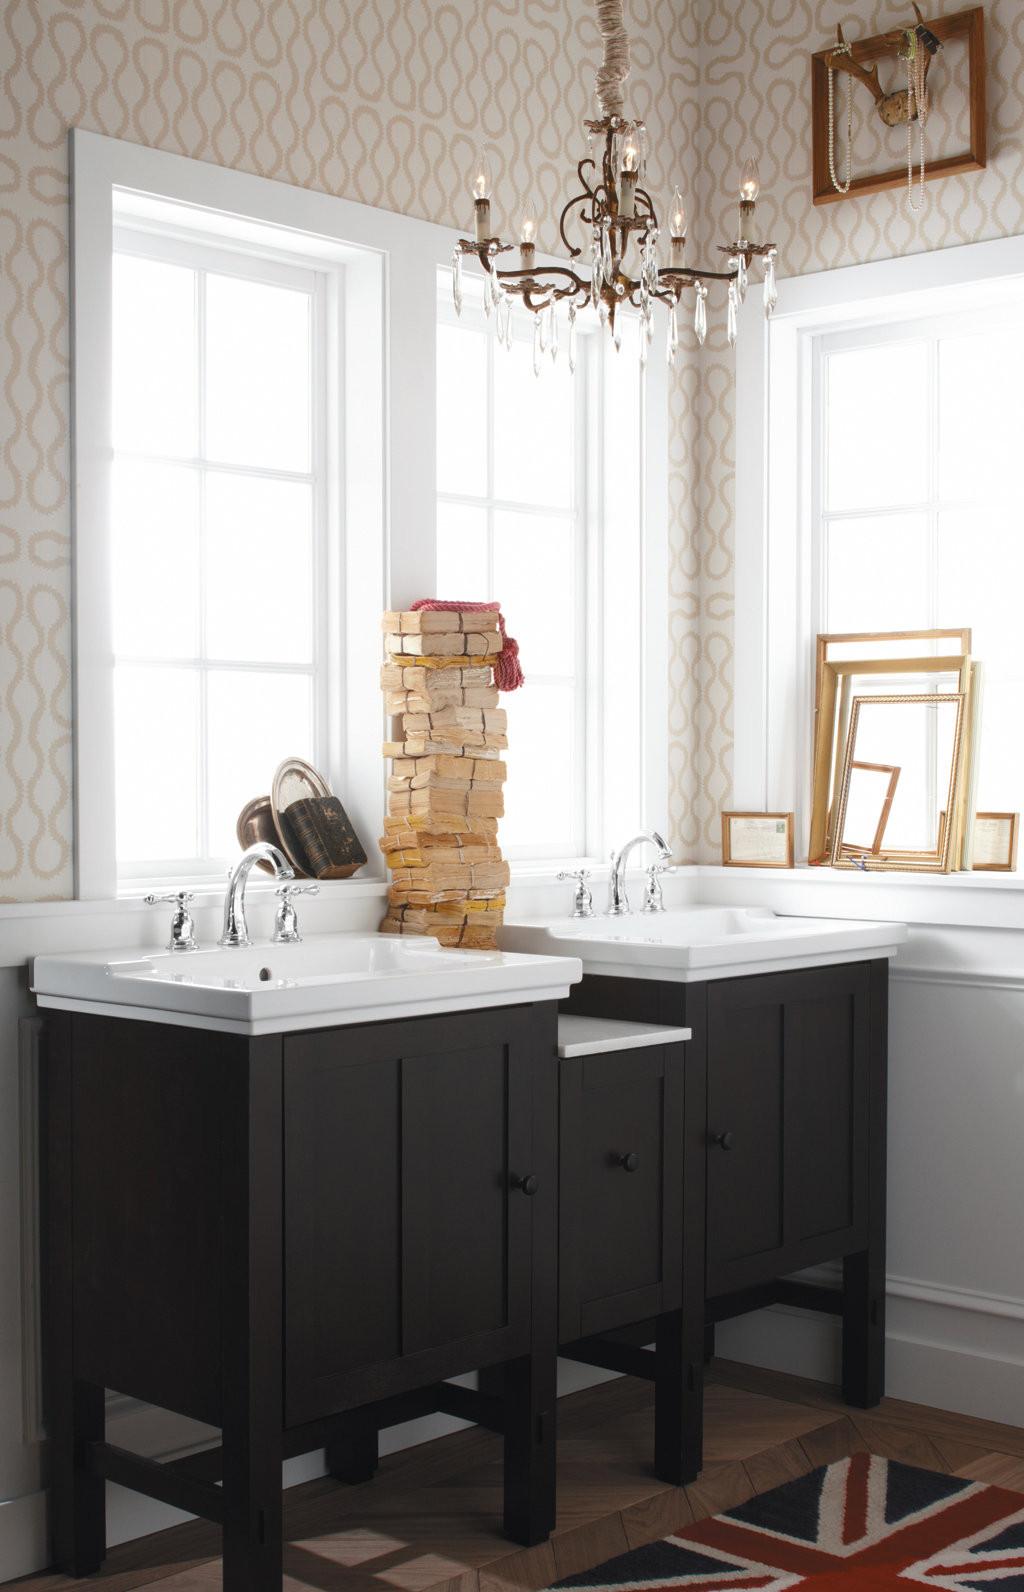 Kohler Bathroom Vanity Unique Kohler K 2604 F69 Tresham 24 Inch Vanity Woodland